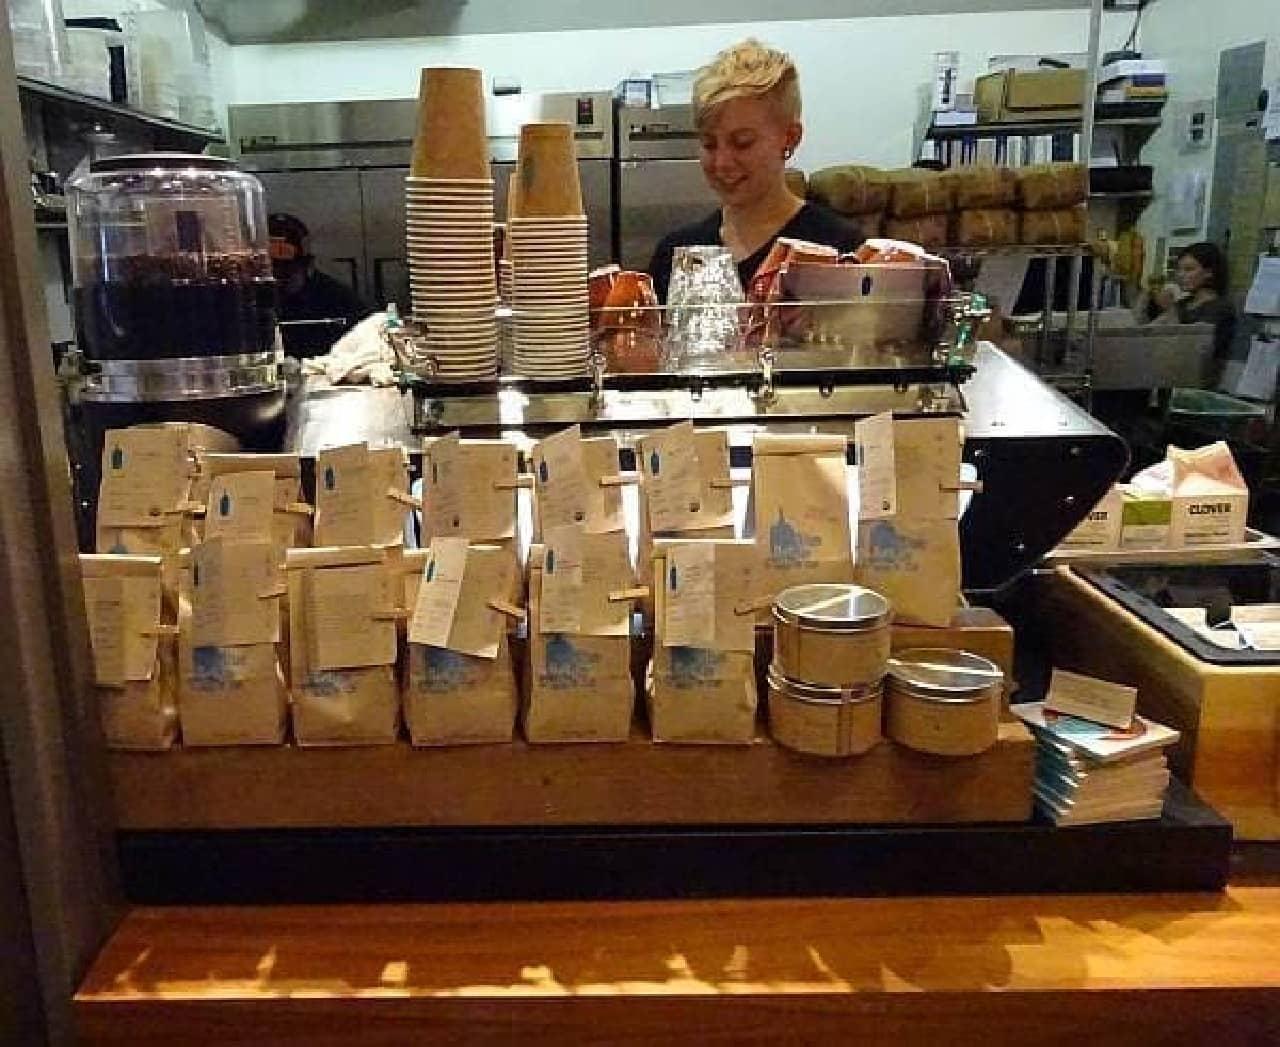 """1種類の豆だけを使ってコーヒーを淹れる""""シークレットカウンター""""  筆者はこのカウンターで提供されたラテを飲みました  癖が強いと感じた理由がわかりました!"""